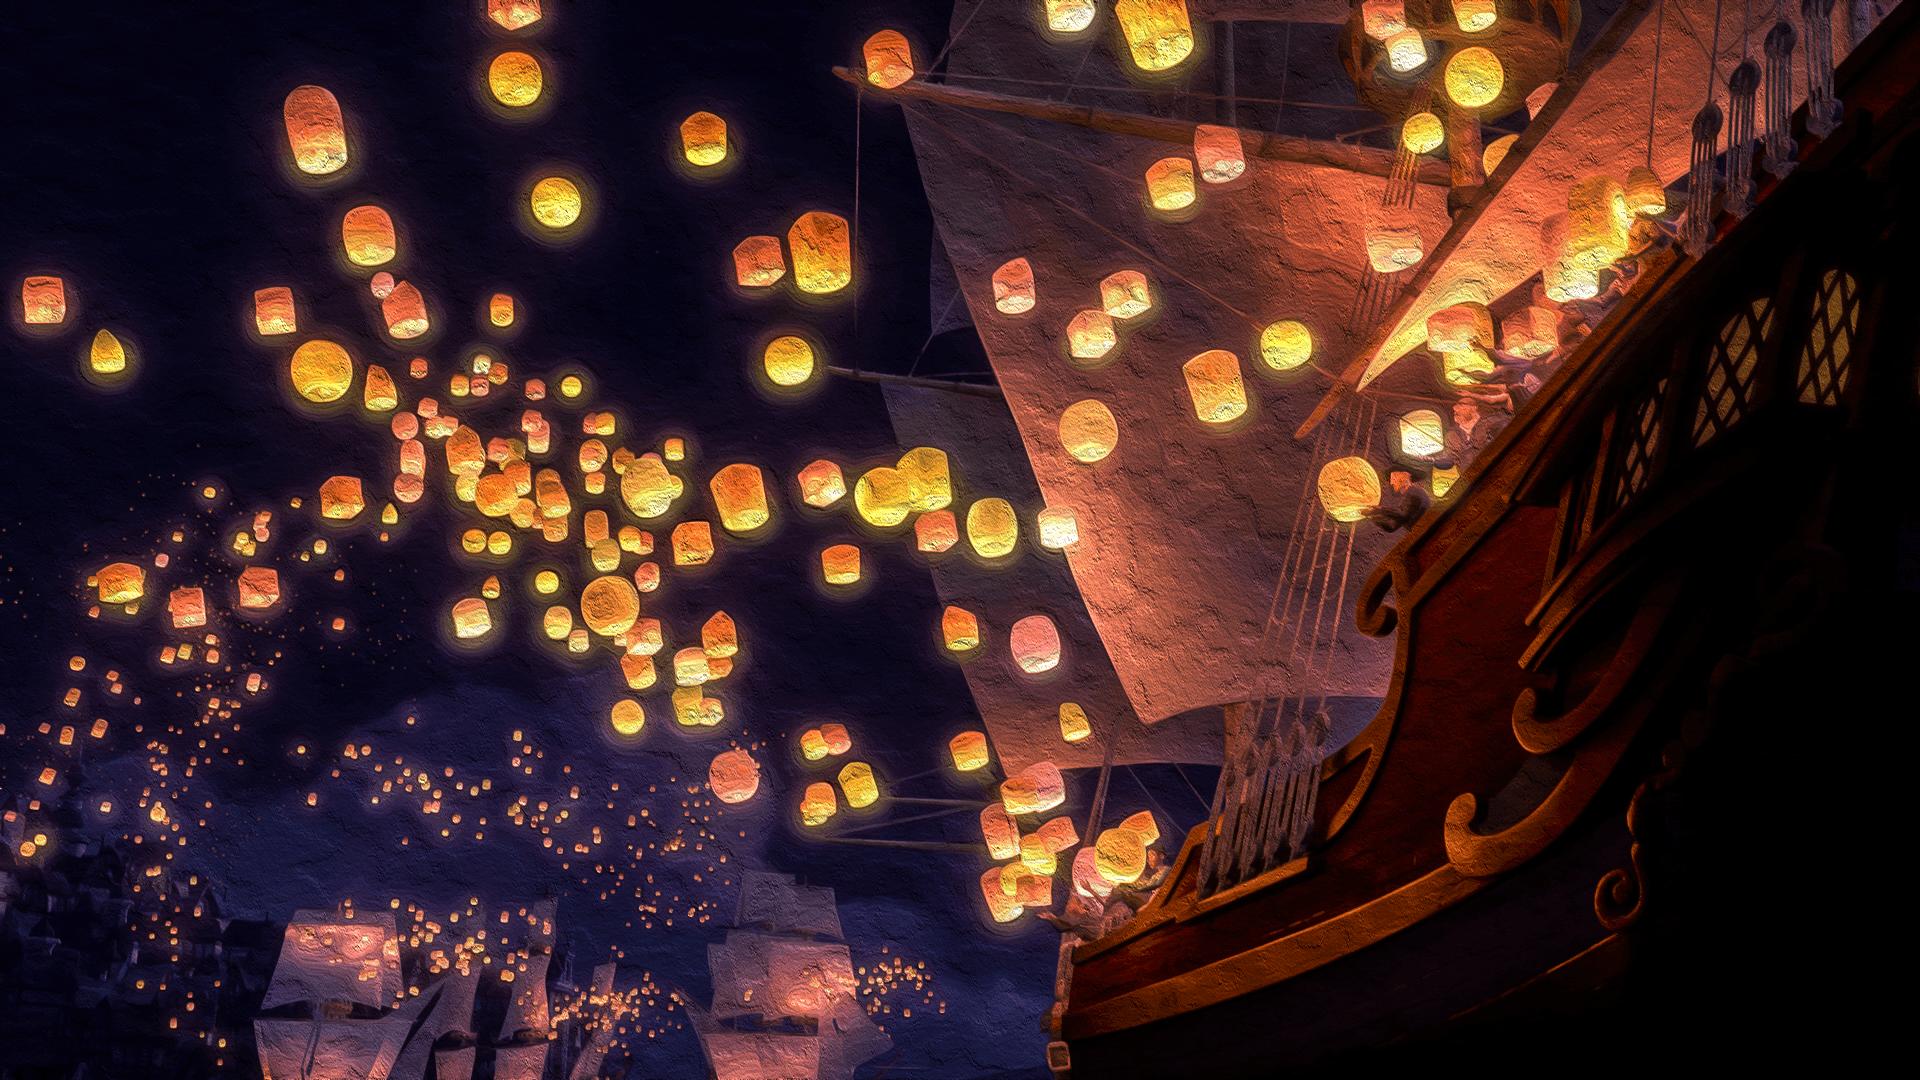 Floating Lanterns Sky Desktop Background